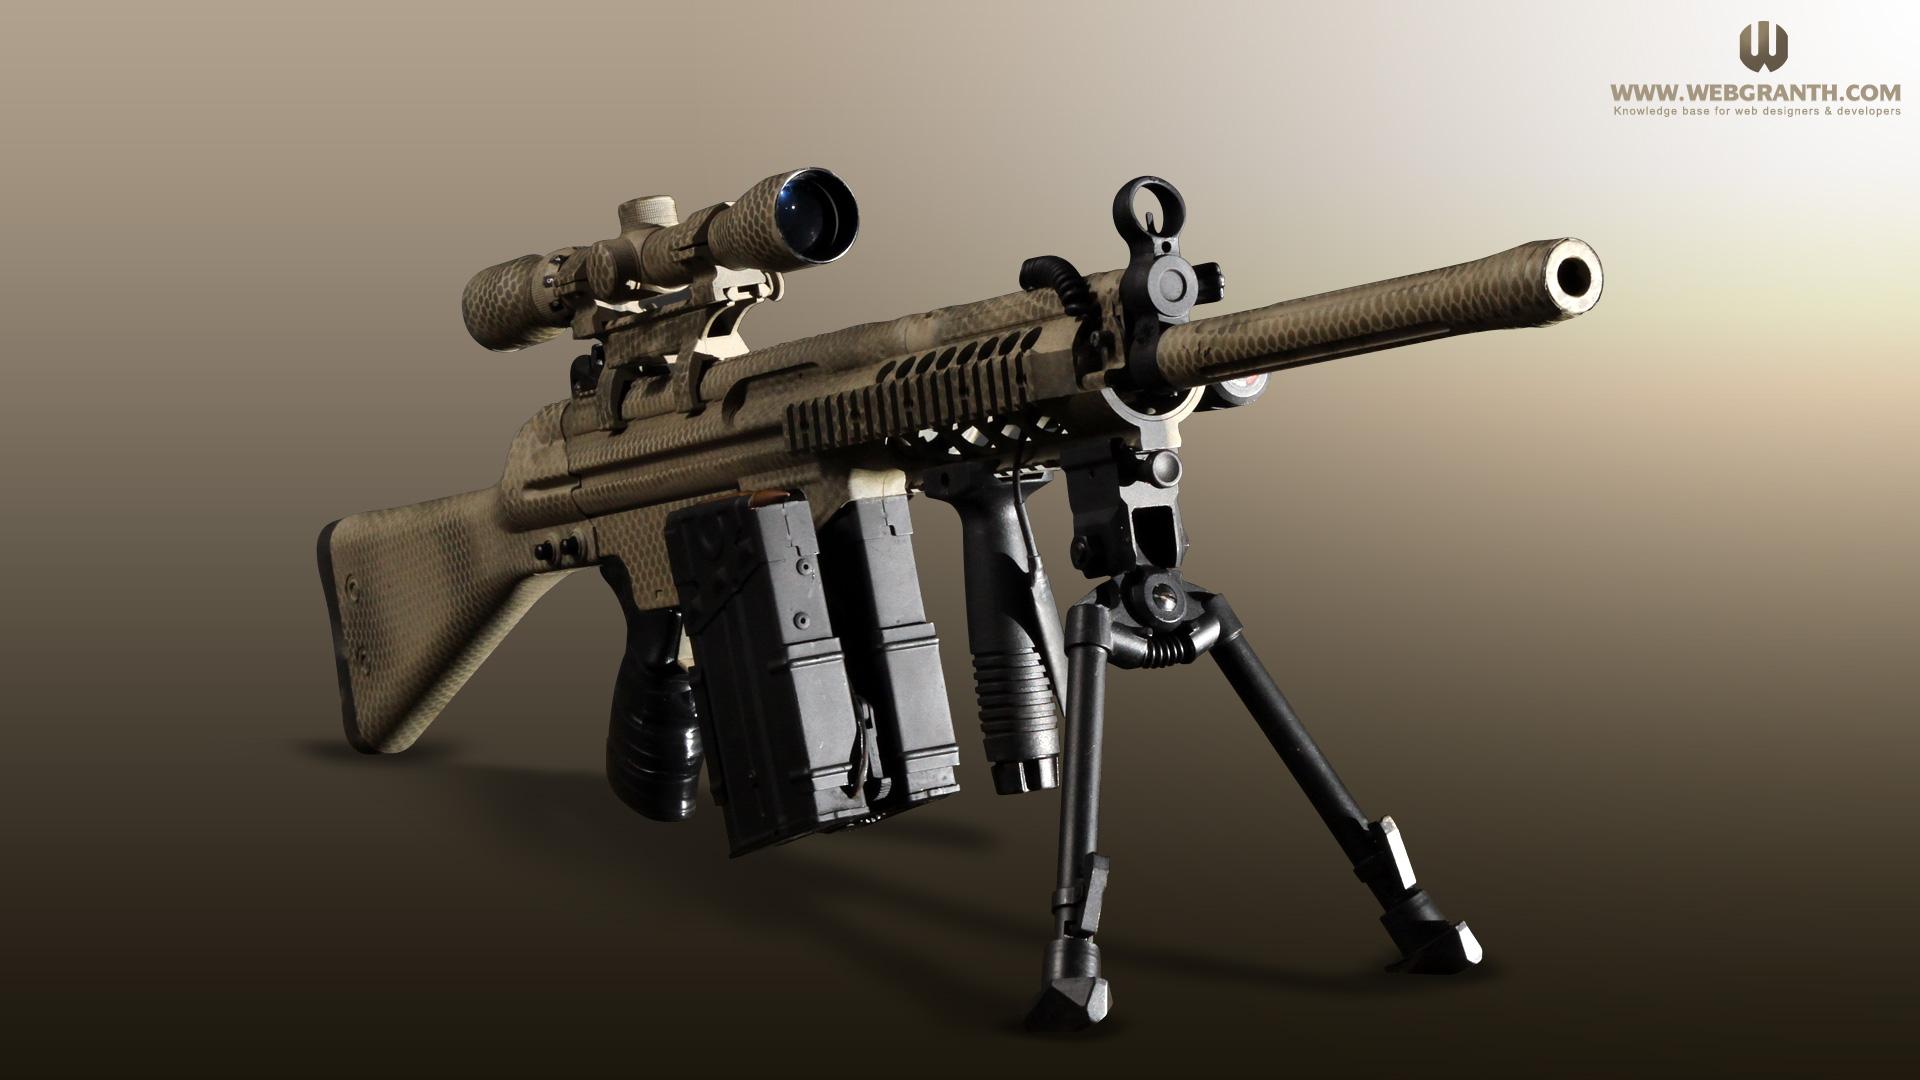 guns wallpaper desktop 1920x1080